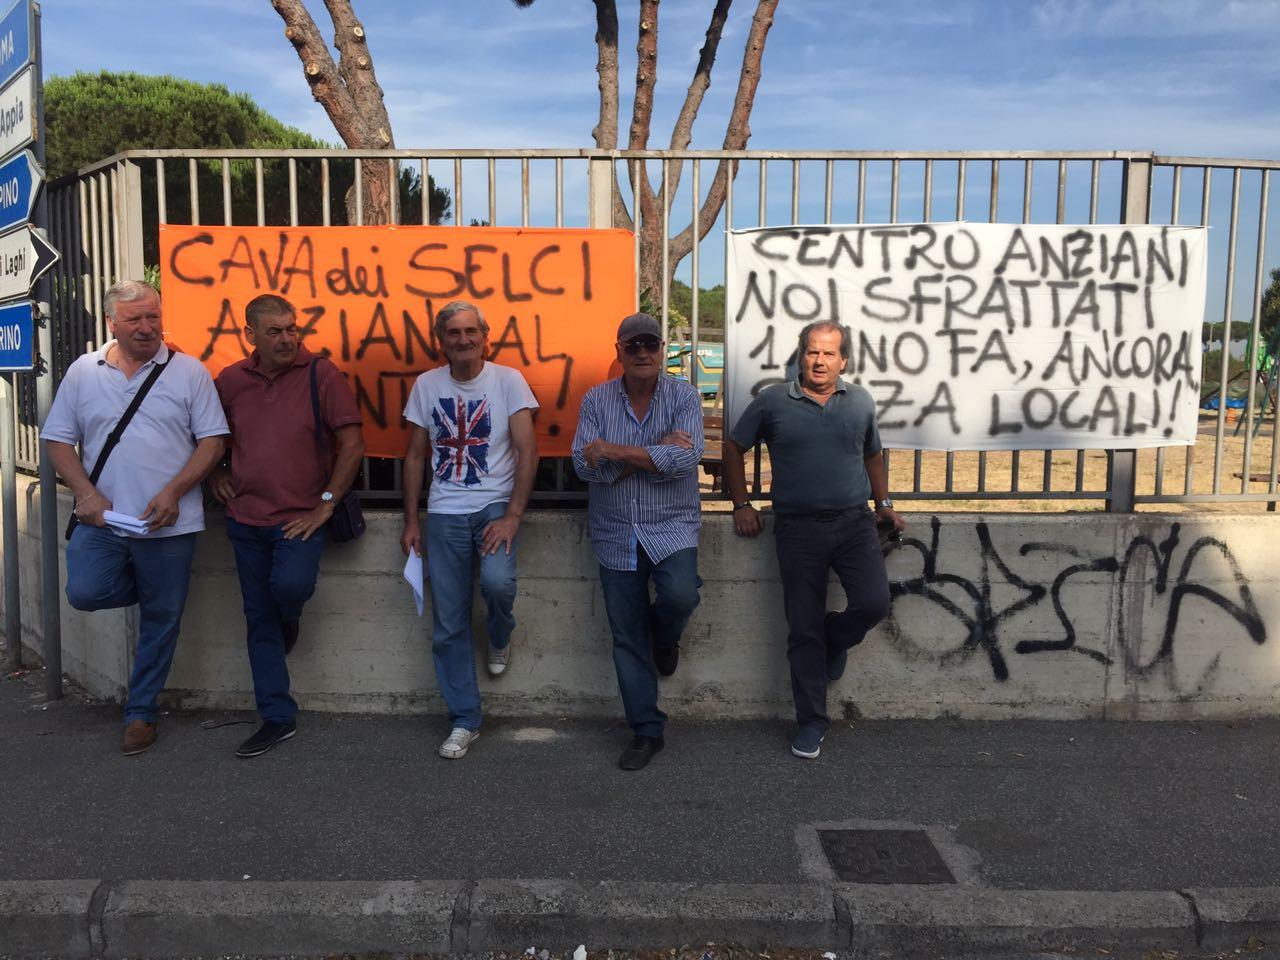 Marino, Centro Anziani Cava dei Selci: noi sfrattati 1 anno fa, ancora senza locali!